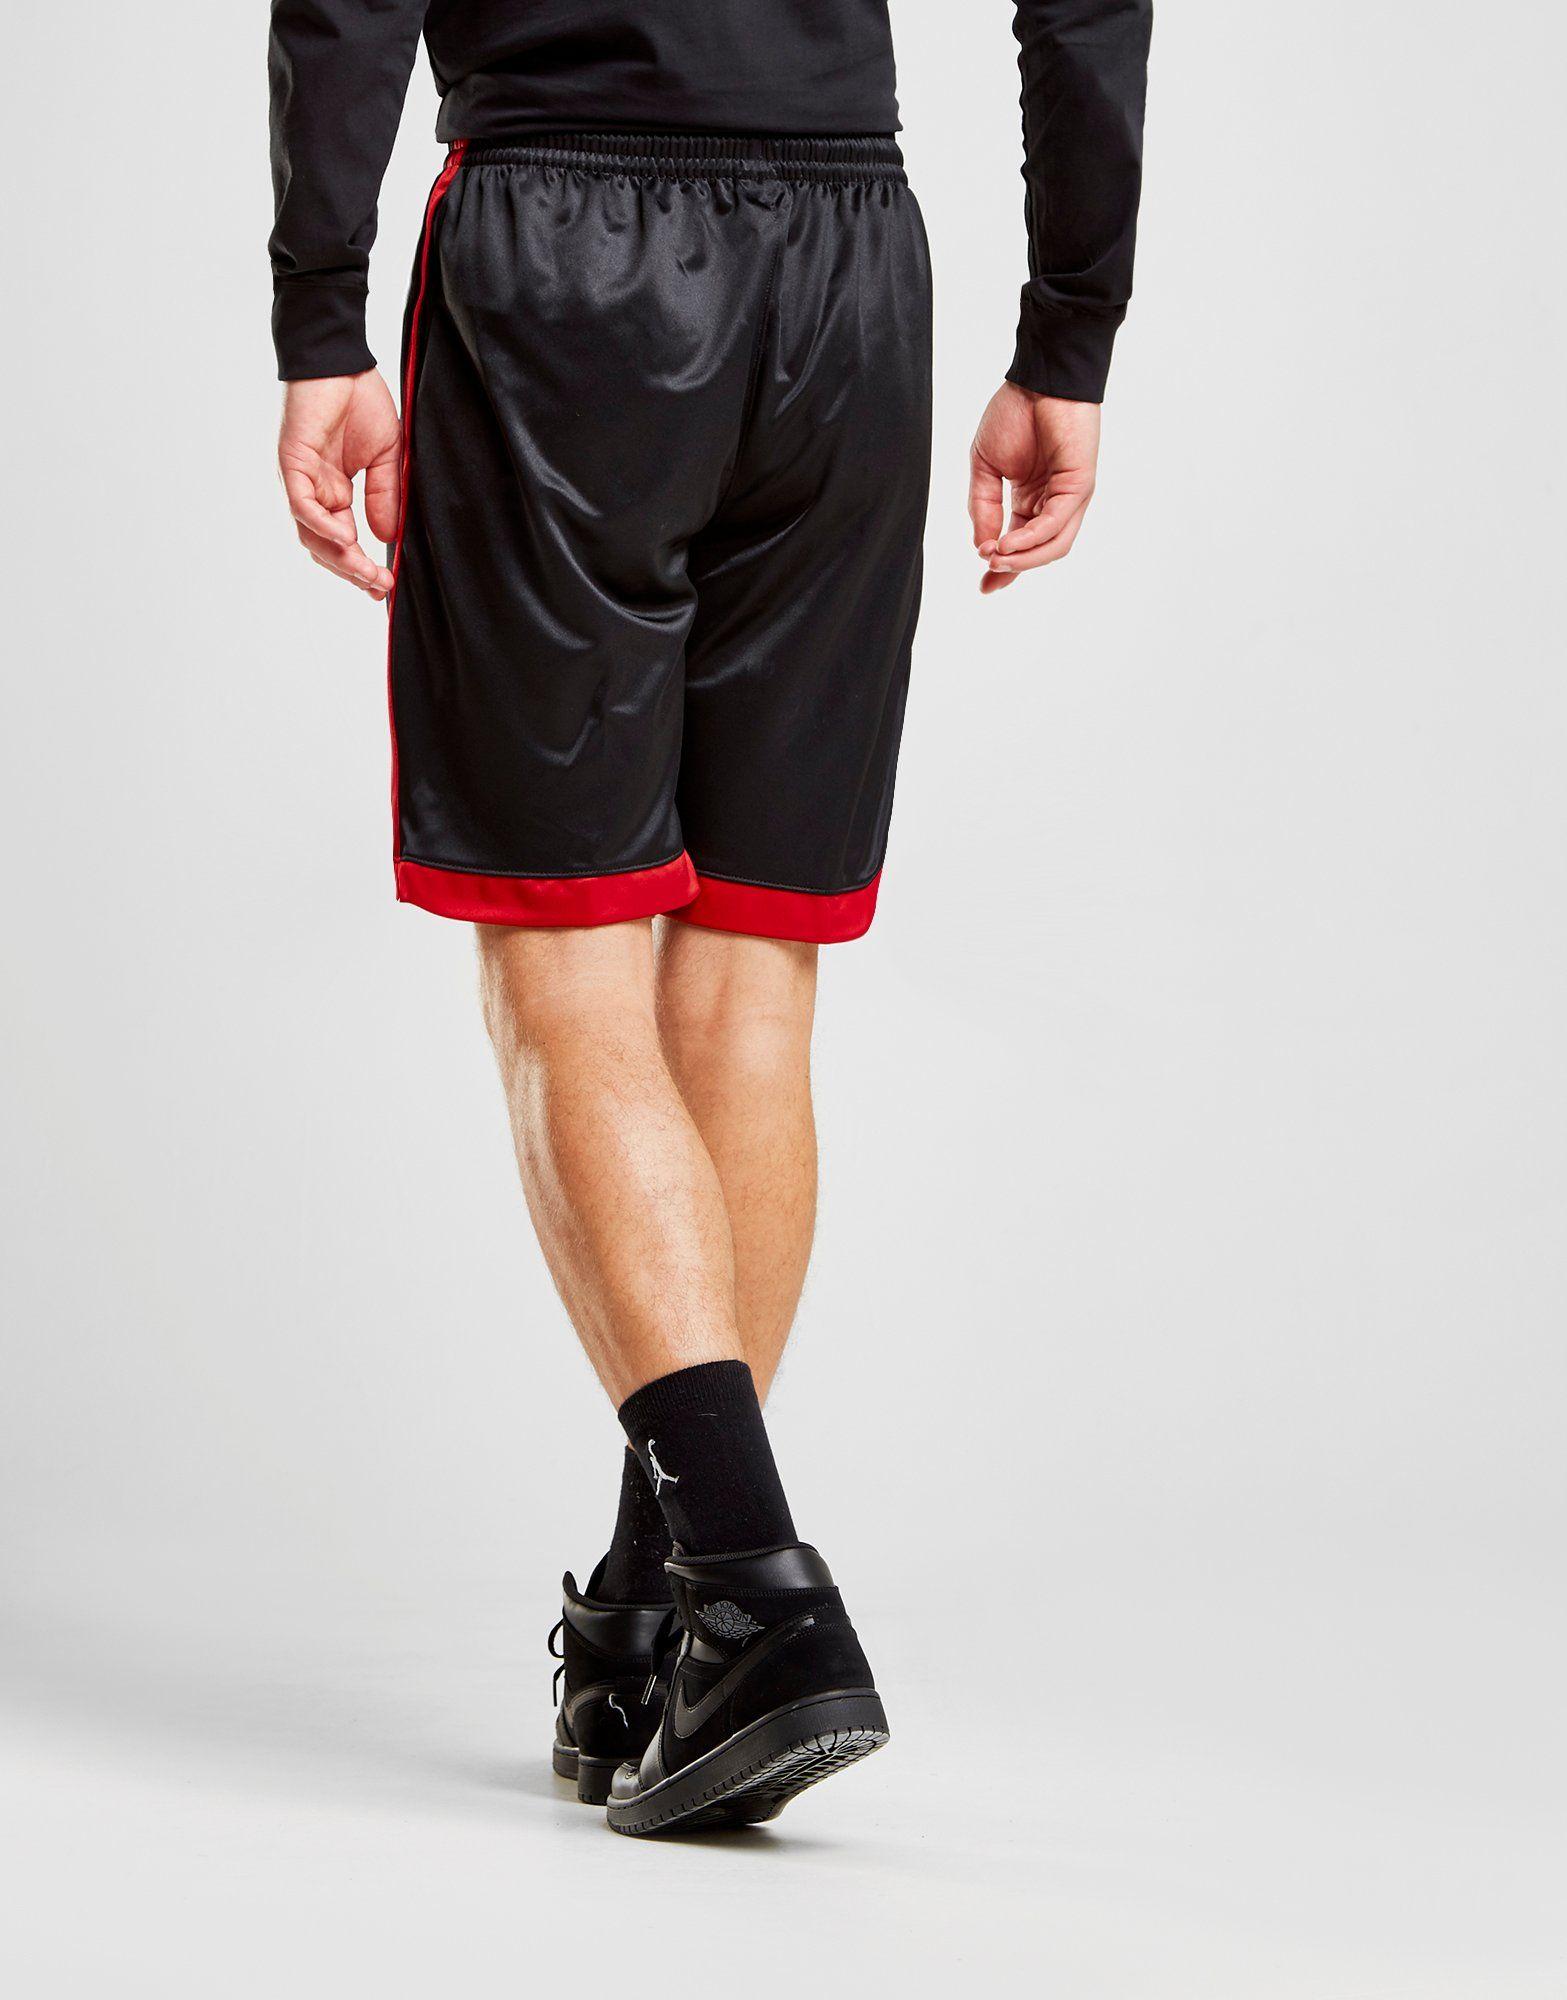 Jordan Shimmer Shorts